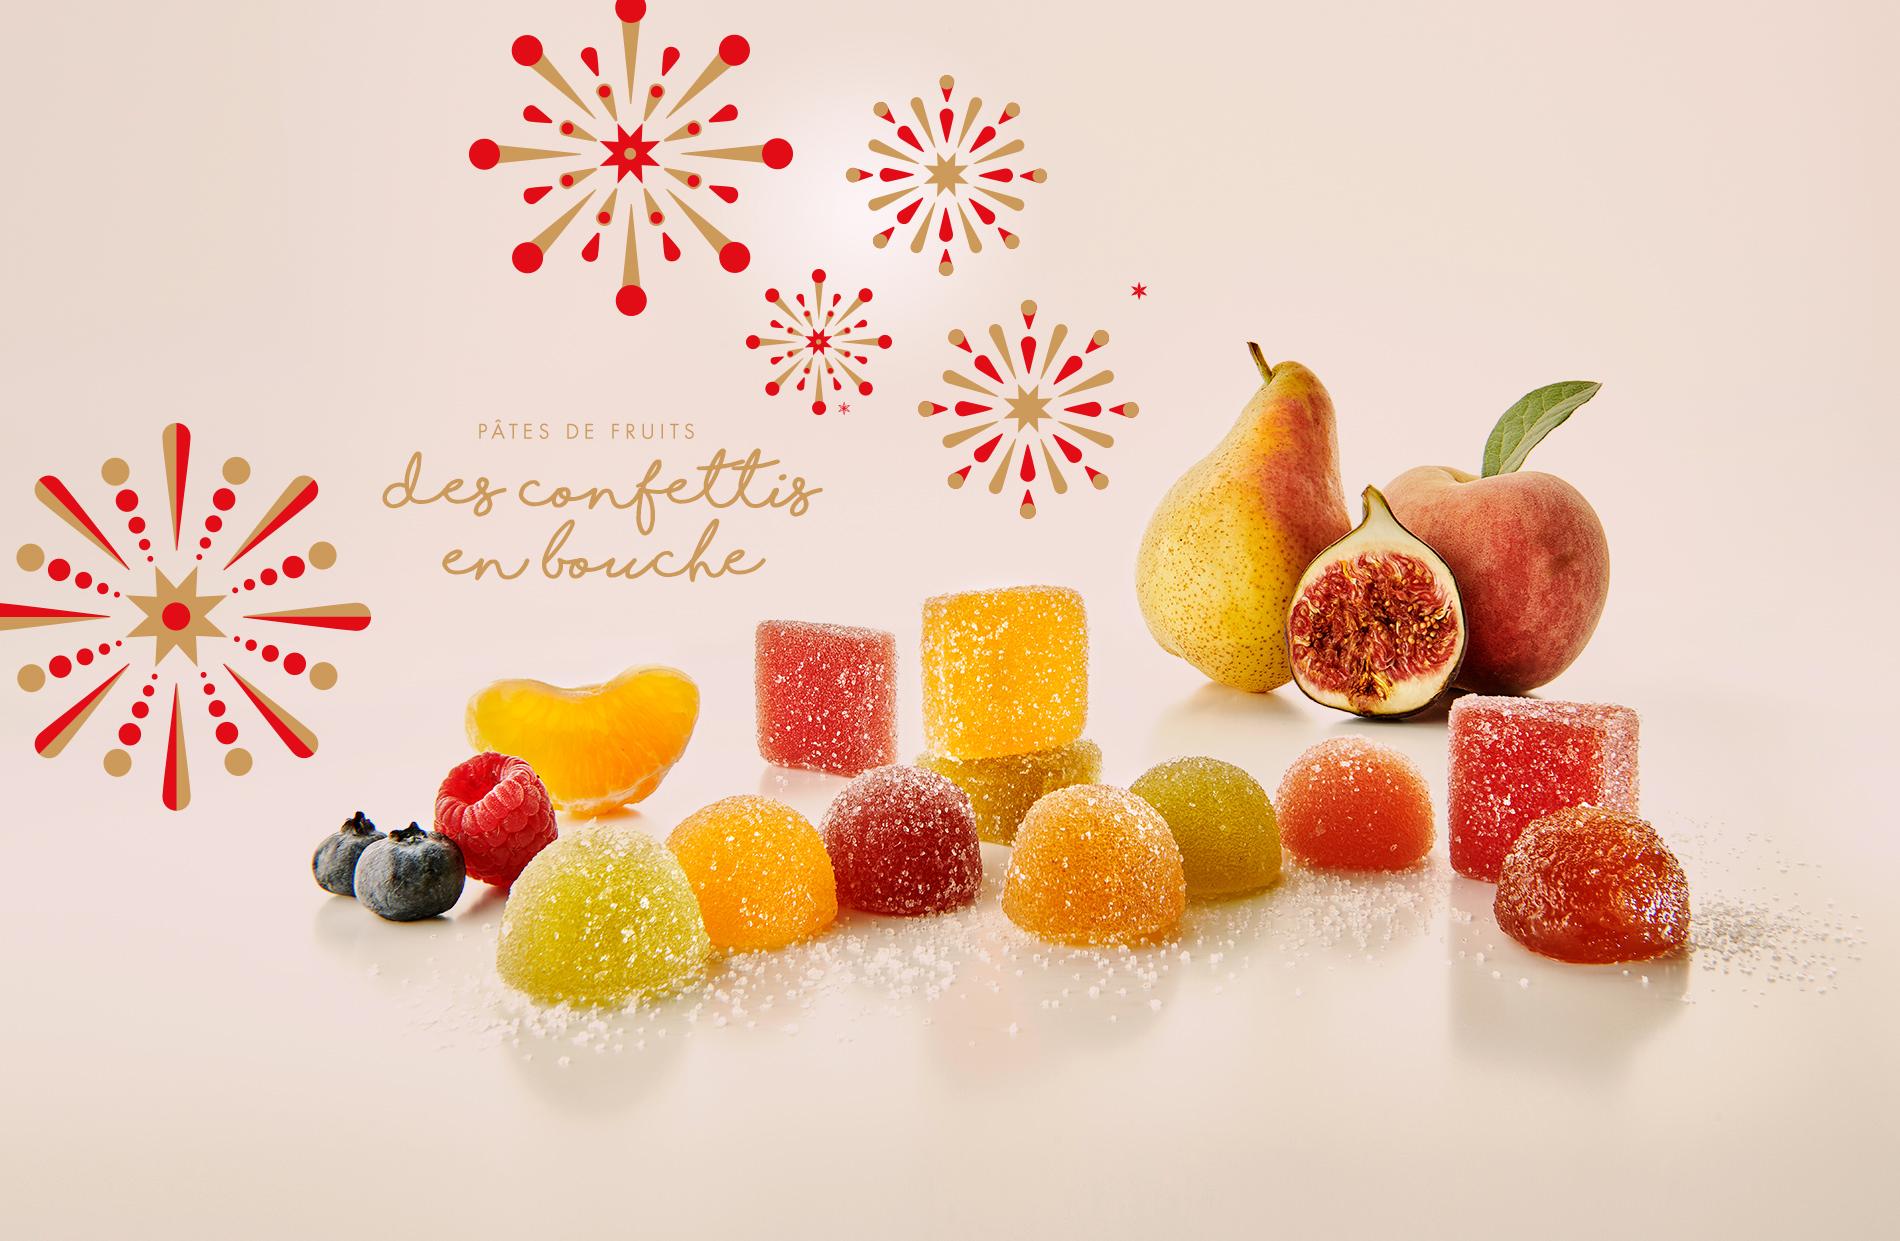 Pâtes de fruits Motta